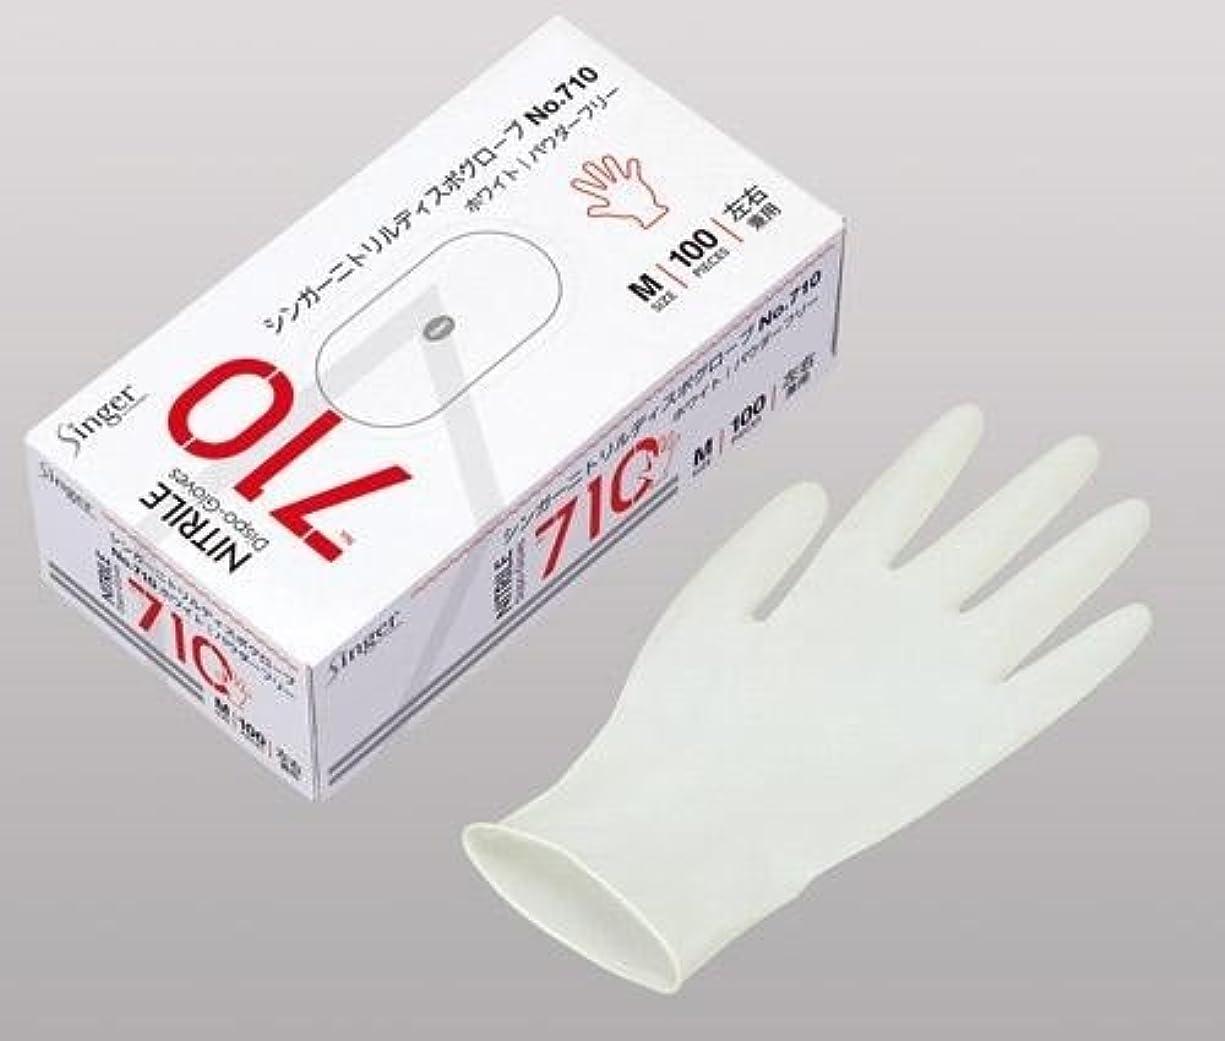 聖なるサミット散歩シンガー ニトリルディスポグローブ(手袋) No.710 ホワイト パウダーフリー(100枚) SS